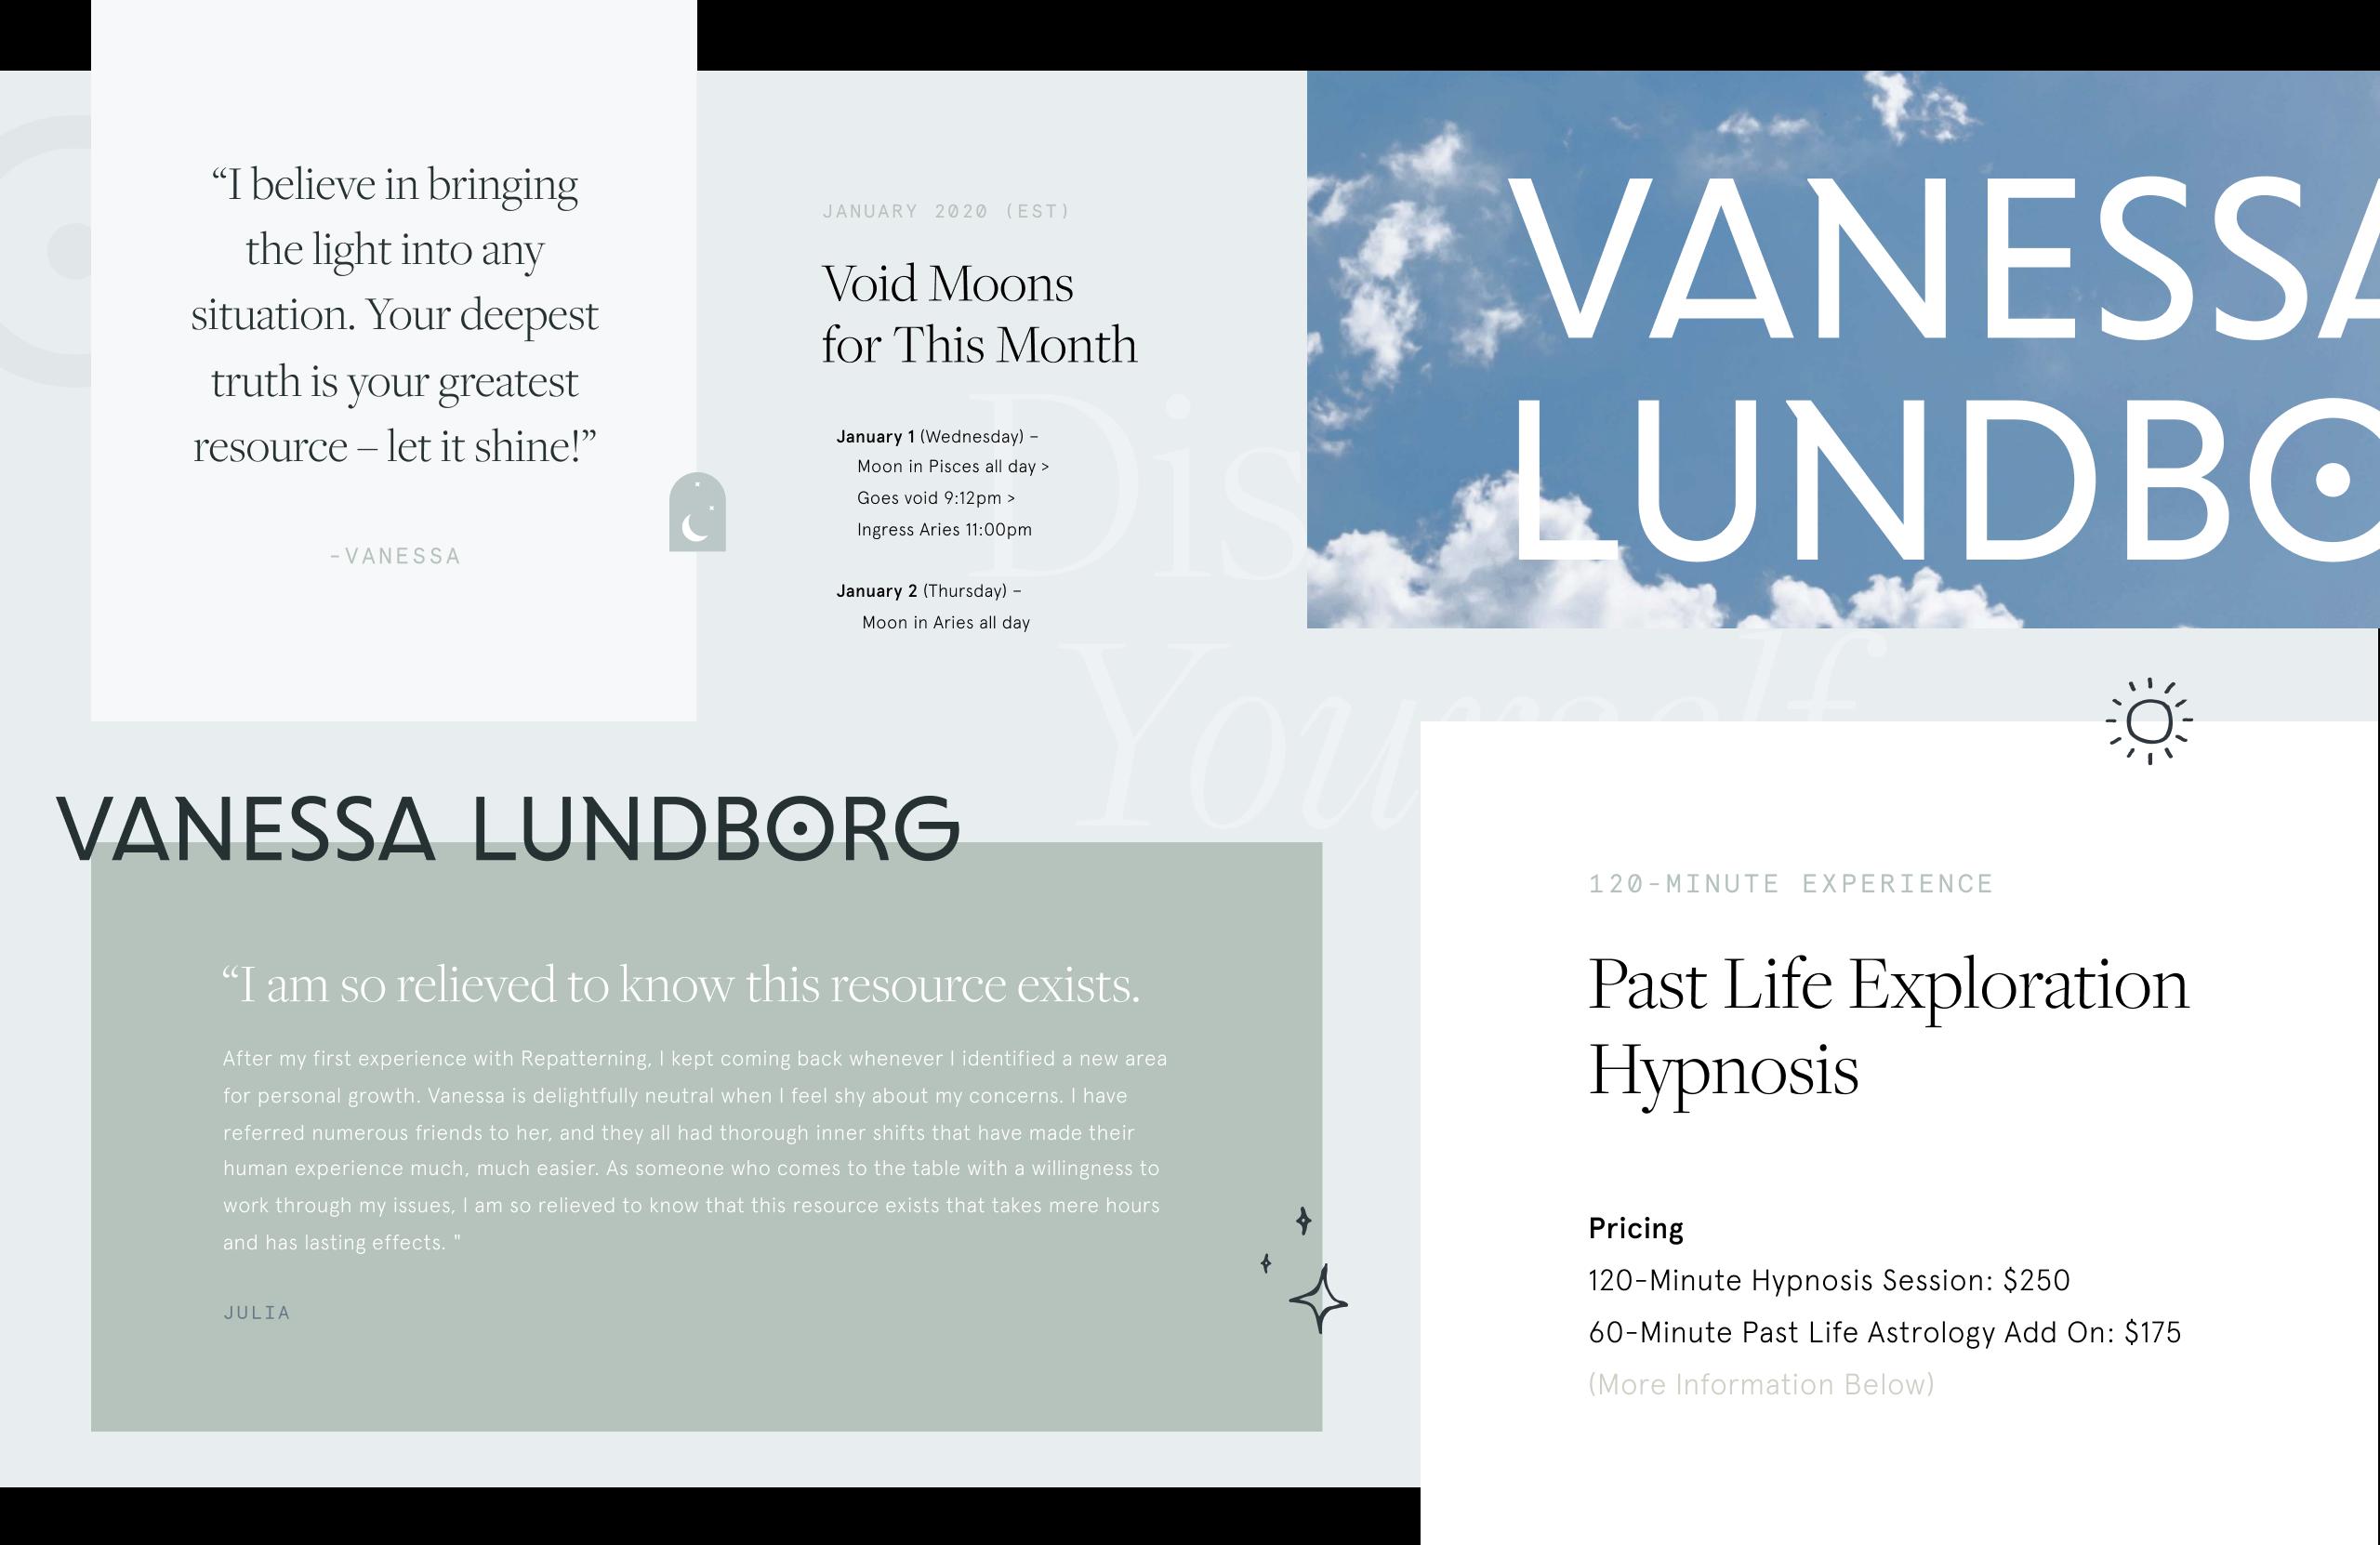 Vanessa Lundborg